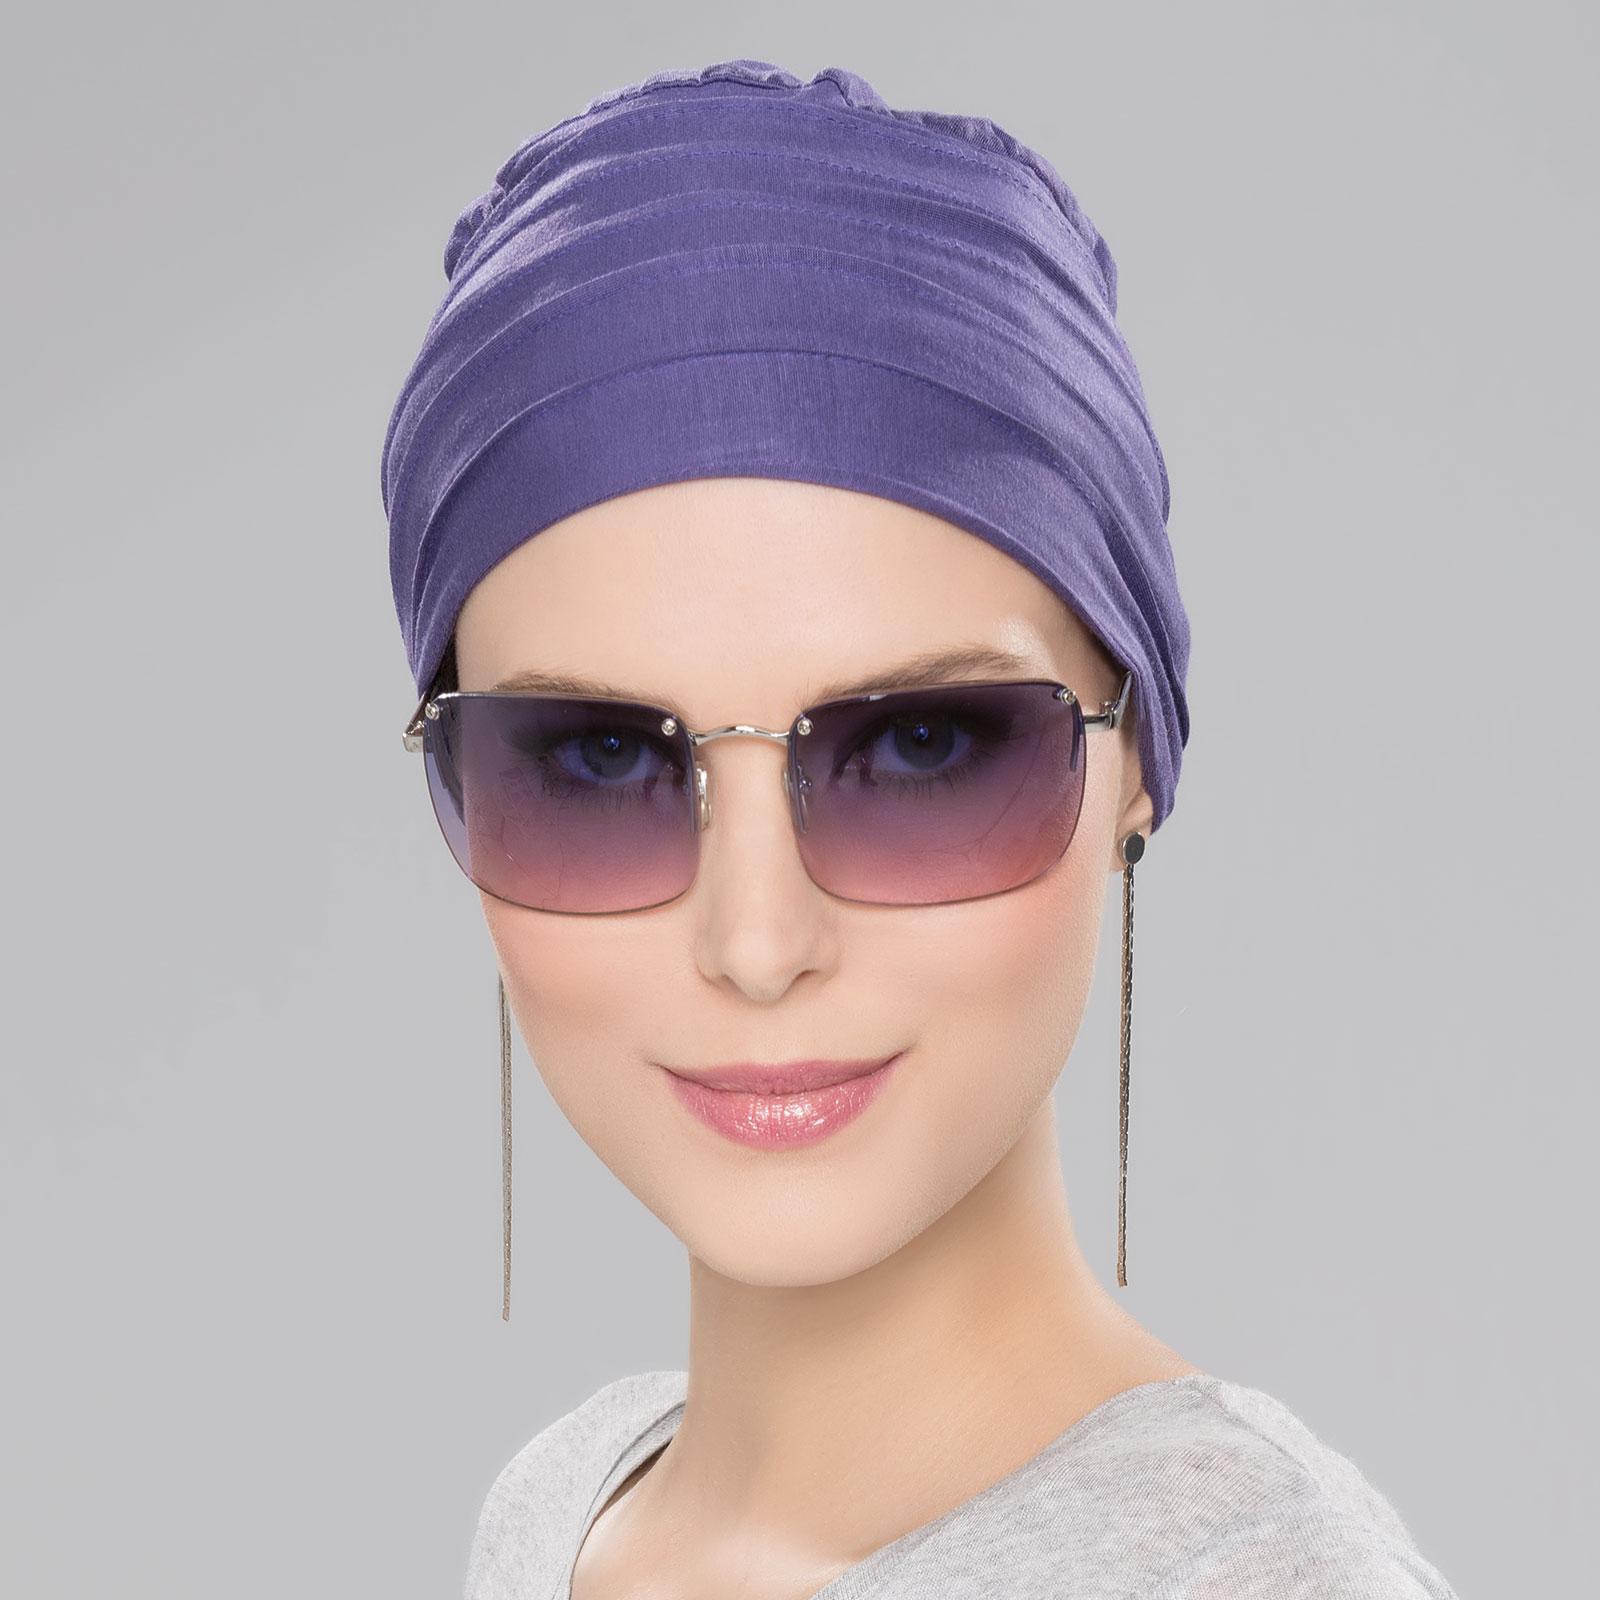 ellens headwear - anoki